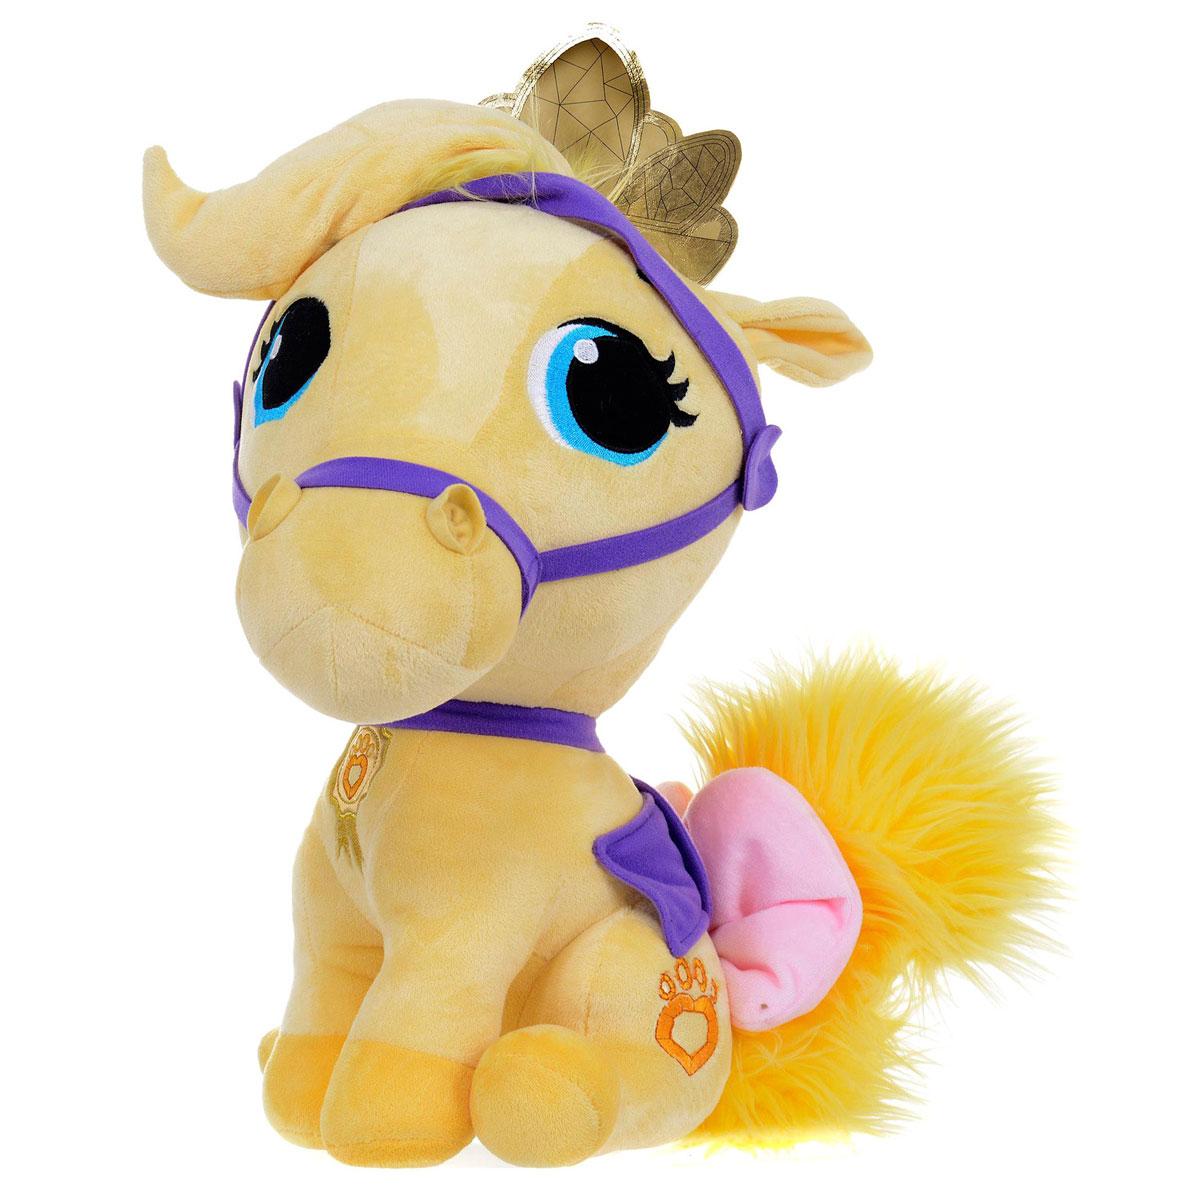 Palace Pets Мягкая игрушка Питомец Рапунцель пони Красотка цвет желтый 15 смPDP1300542Играйте вместе с домашним питомцем принцессы Рапунцель - пони Красоткой из серии Принцессы Дисней (Disney Princess)! Пони очень мягкий на ощупь, с пушистым хвостиком и огромными вышитыми глазками. На голове у Красотки мягкая золотая с блестками корона. Palace Pets - это коллекция домашних зверушек принцесс Диснея, которые живут вместе со своими хозяйками в их шикарных дворцах.